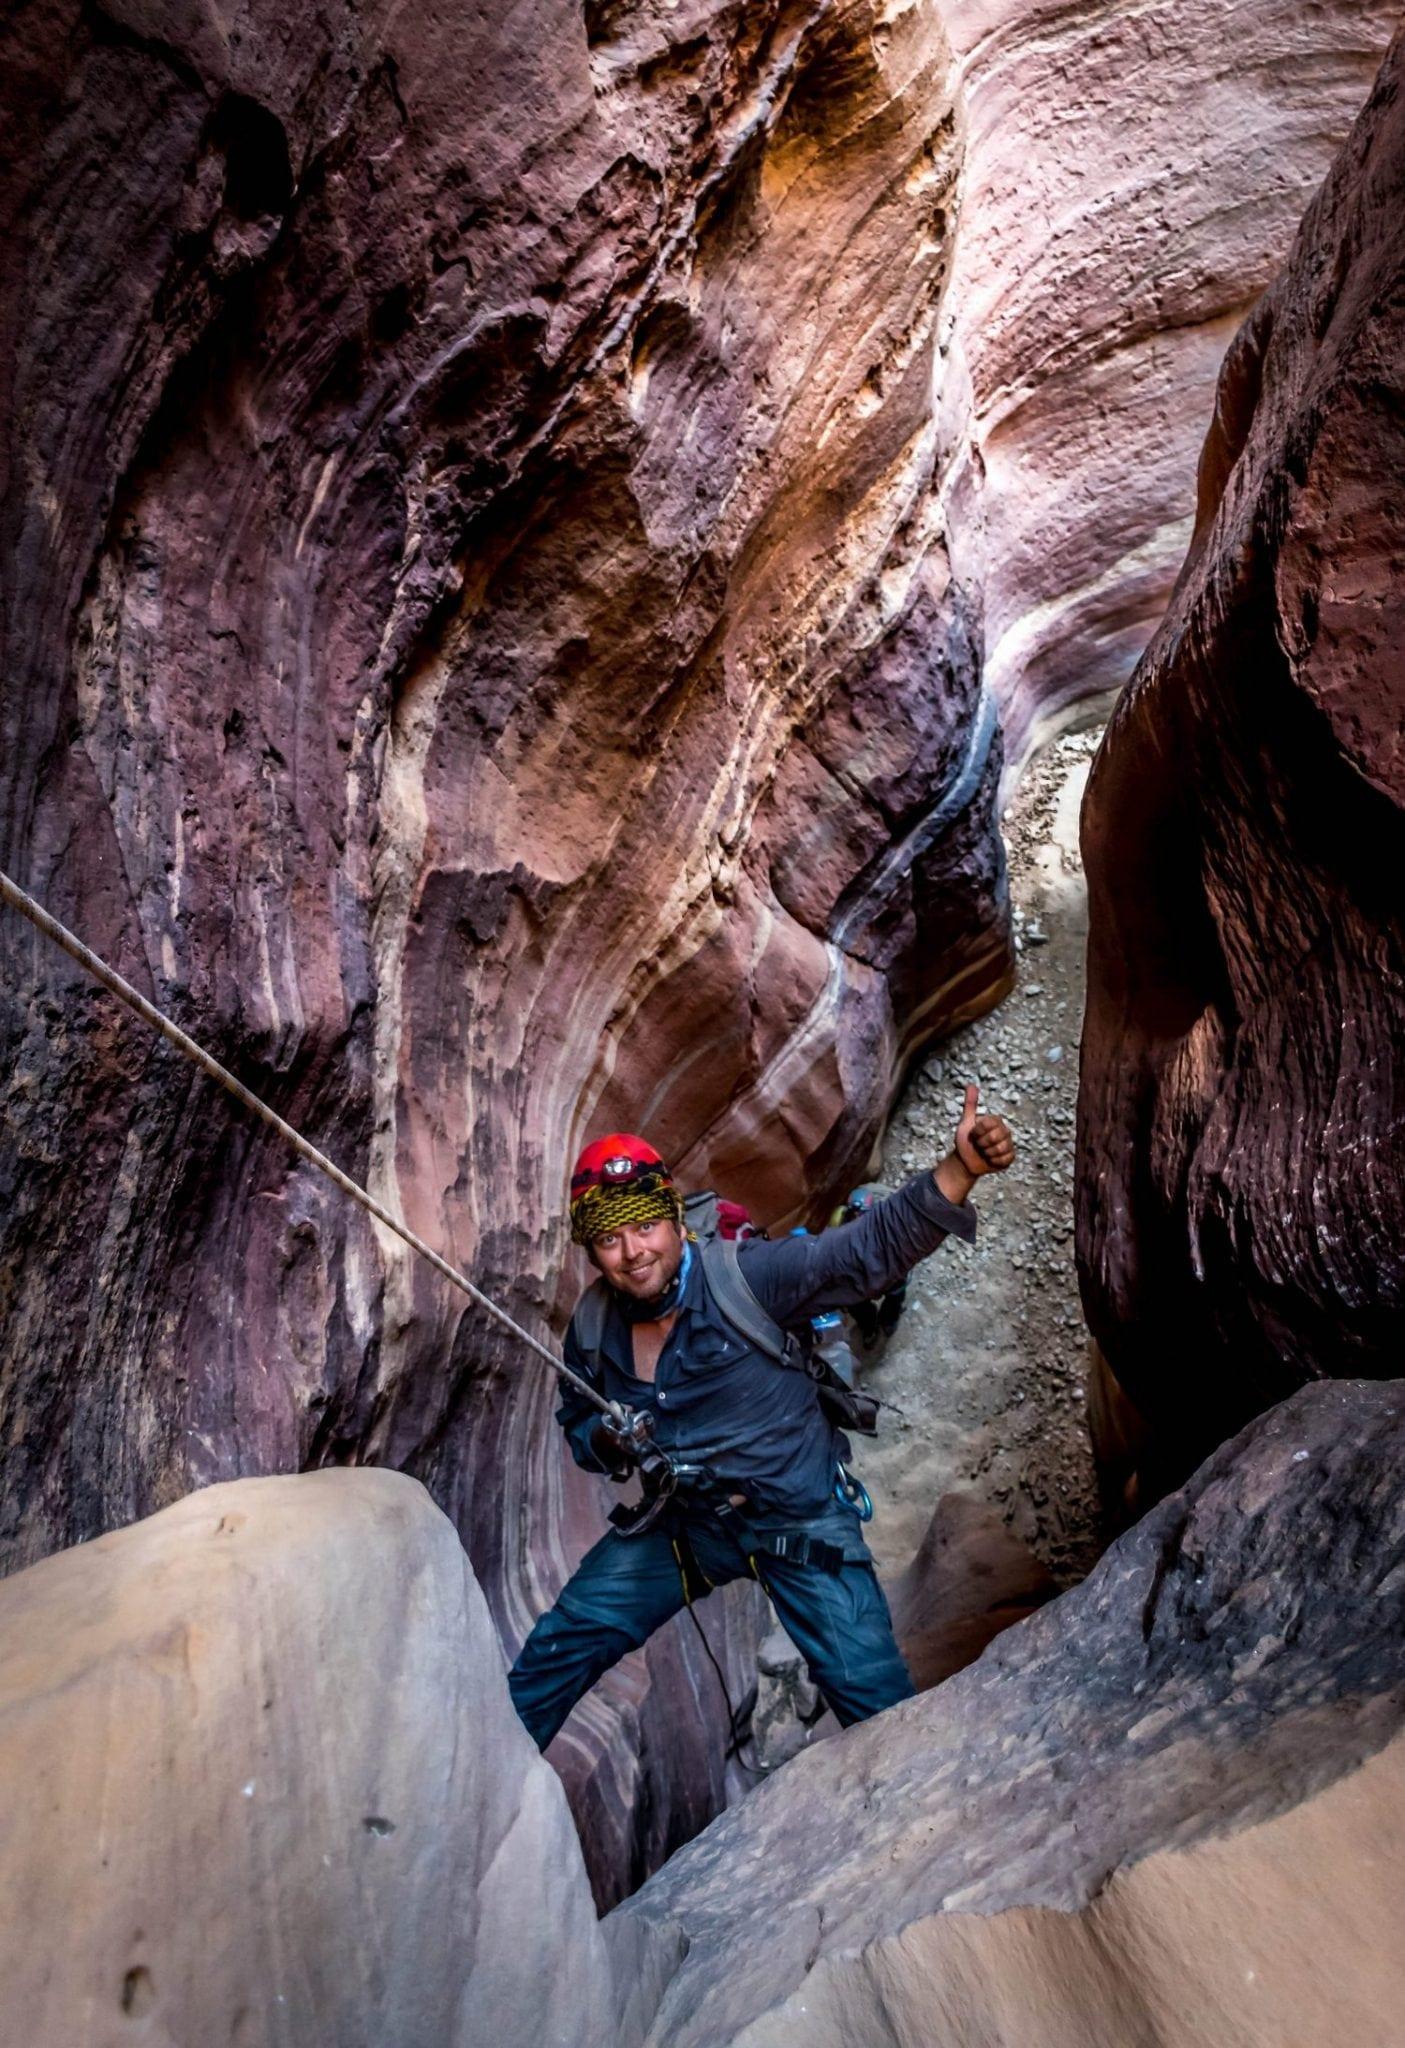 סנפלינג בקניוני ירדן - לאוהבי לכת ואתגר - ערוצים בטבע